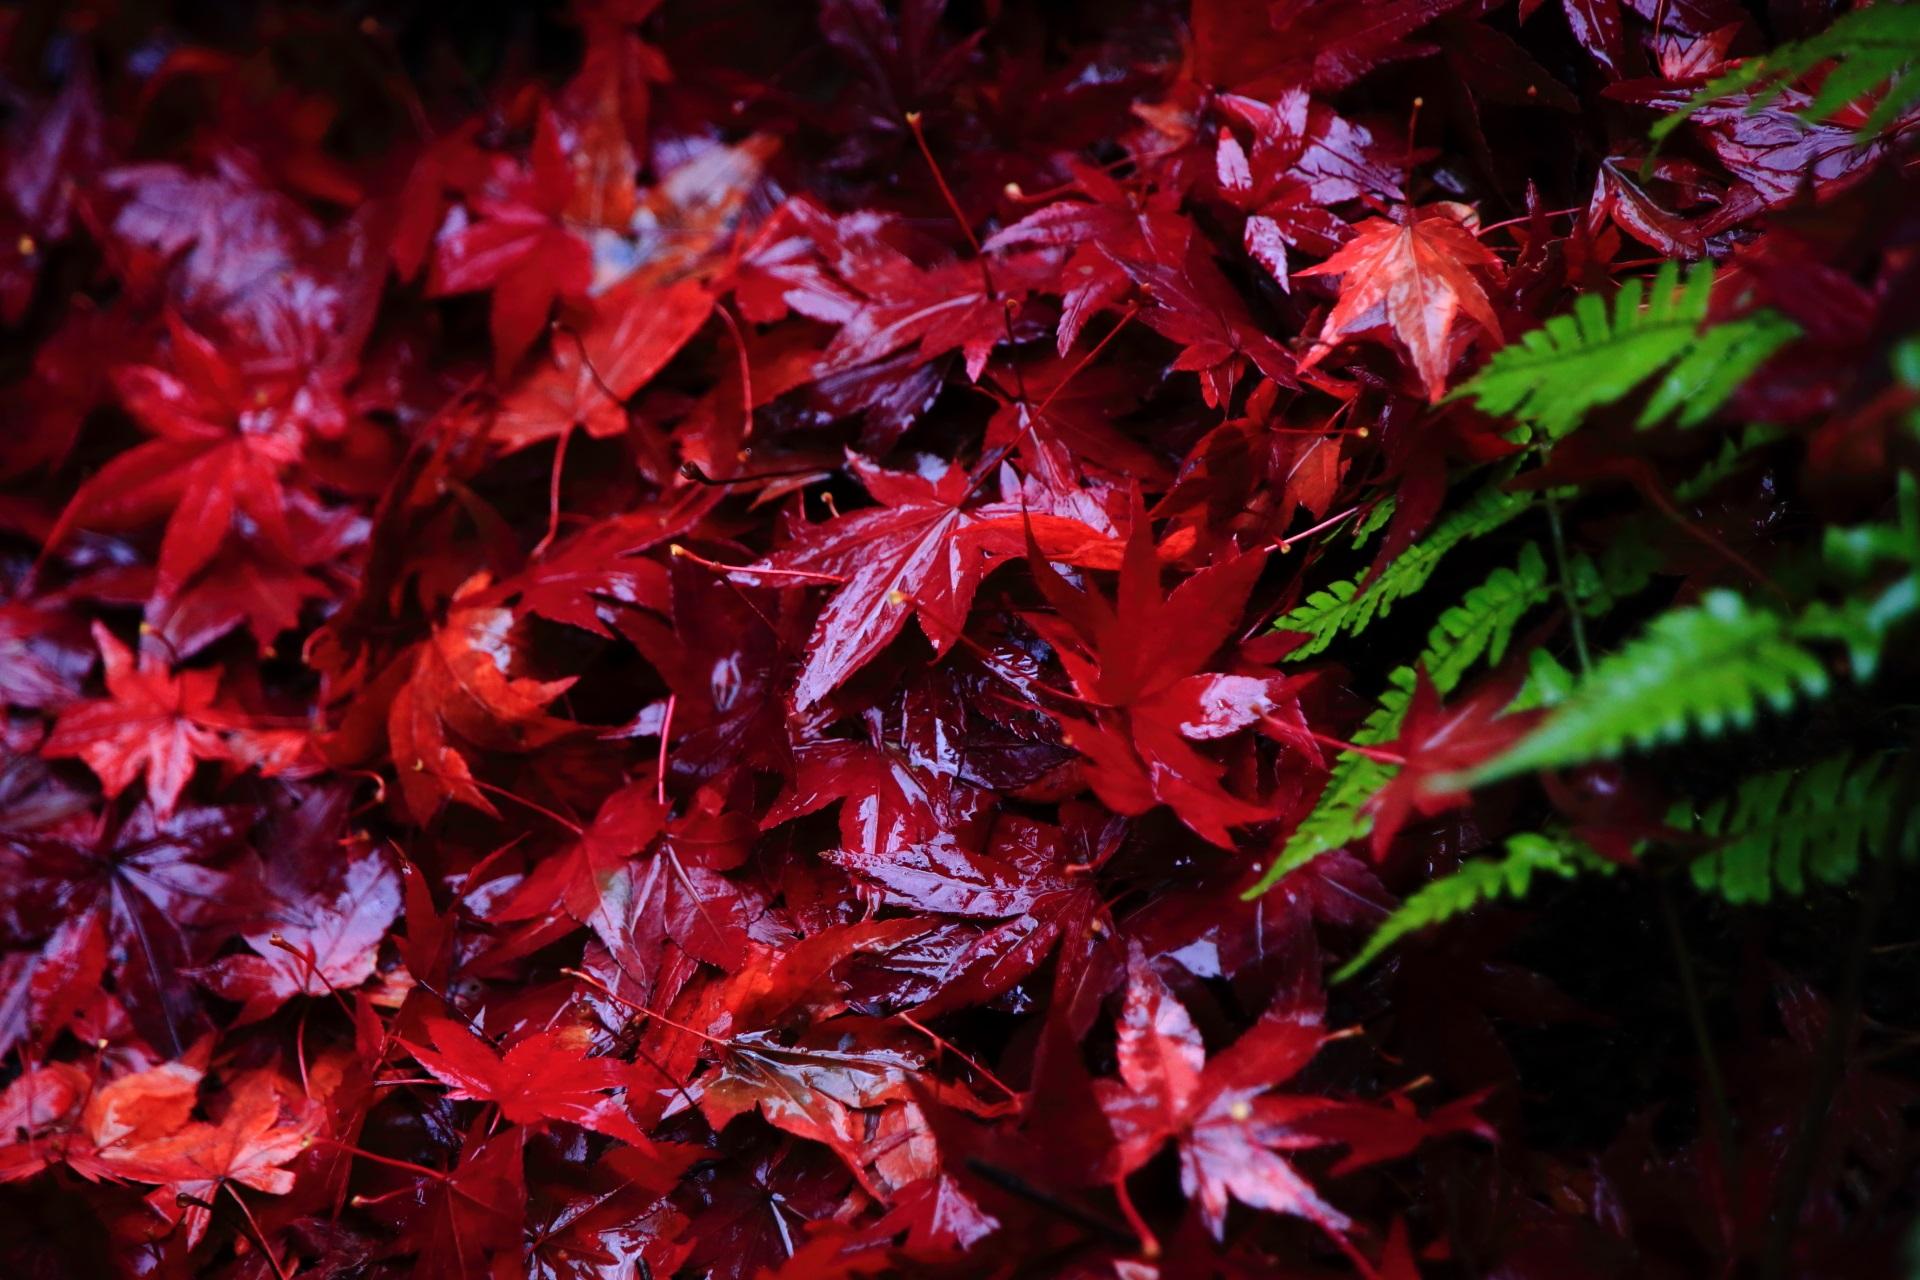 雨の力で美しさと輝きを増した散紅葉